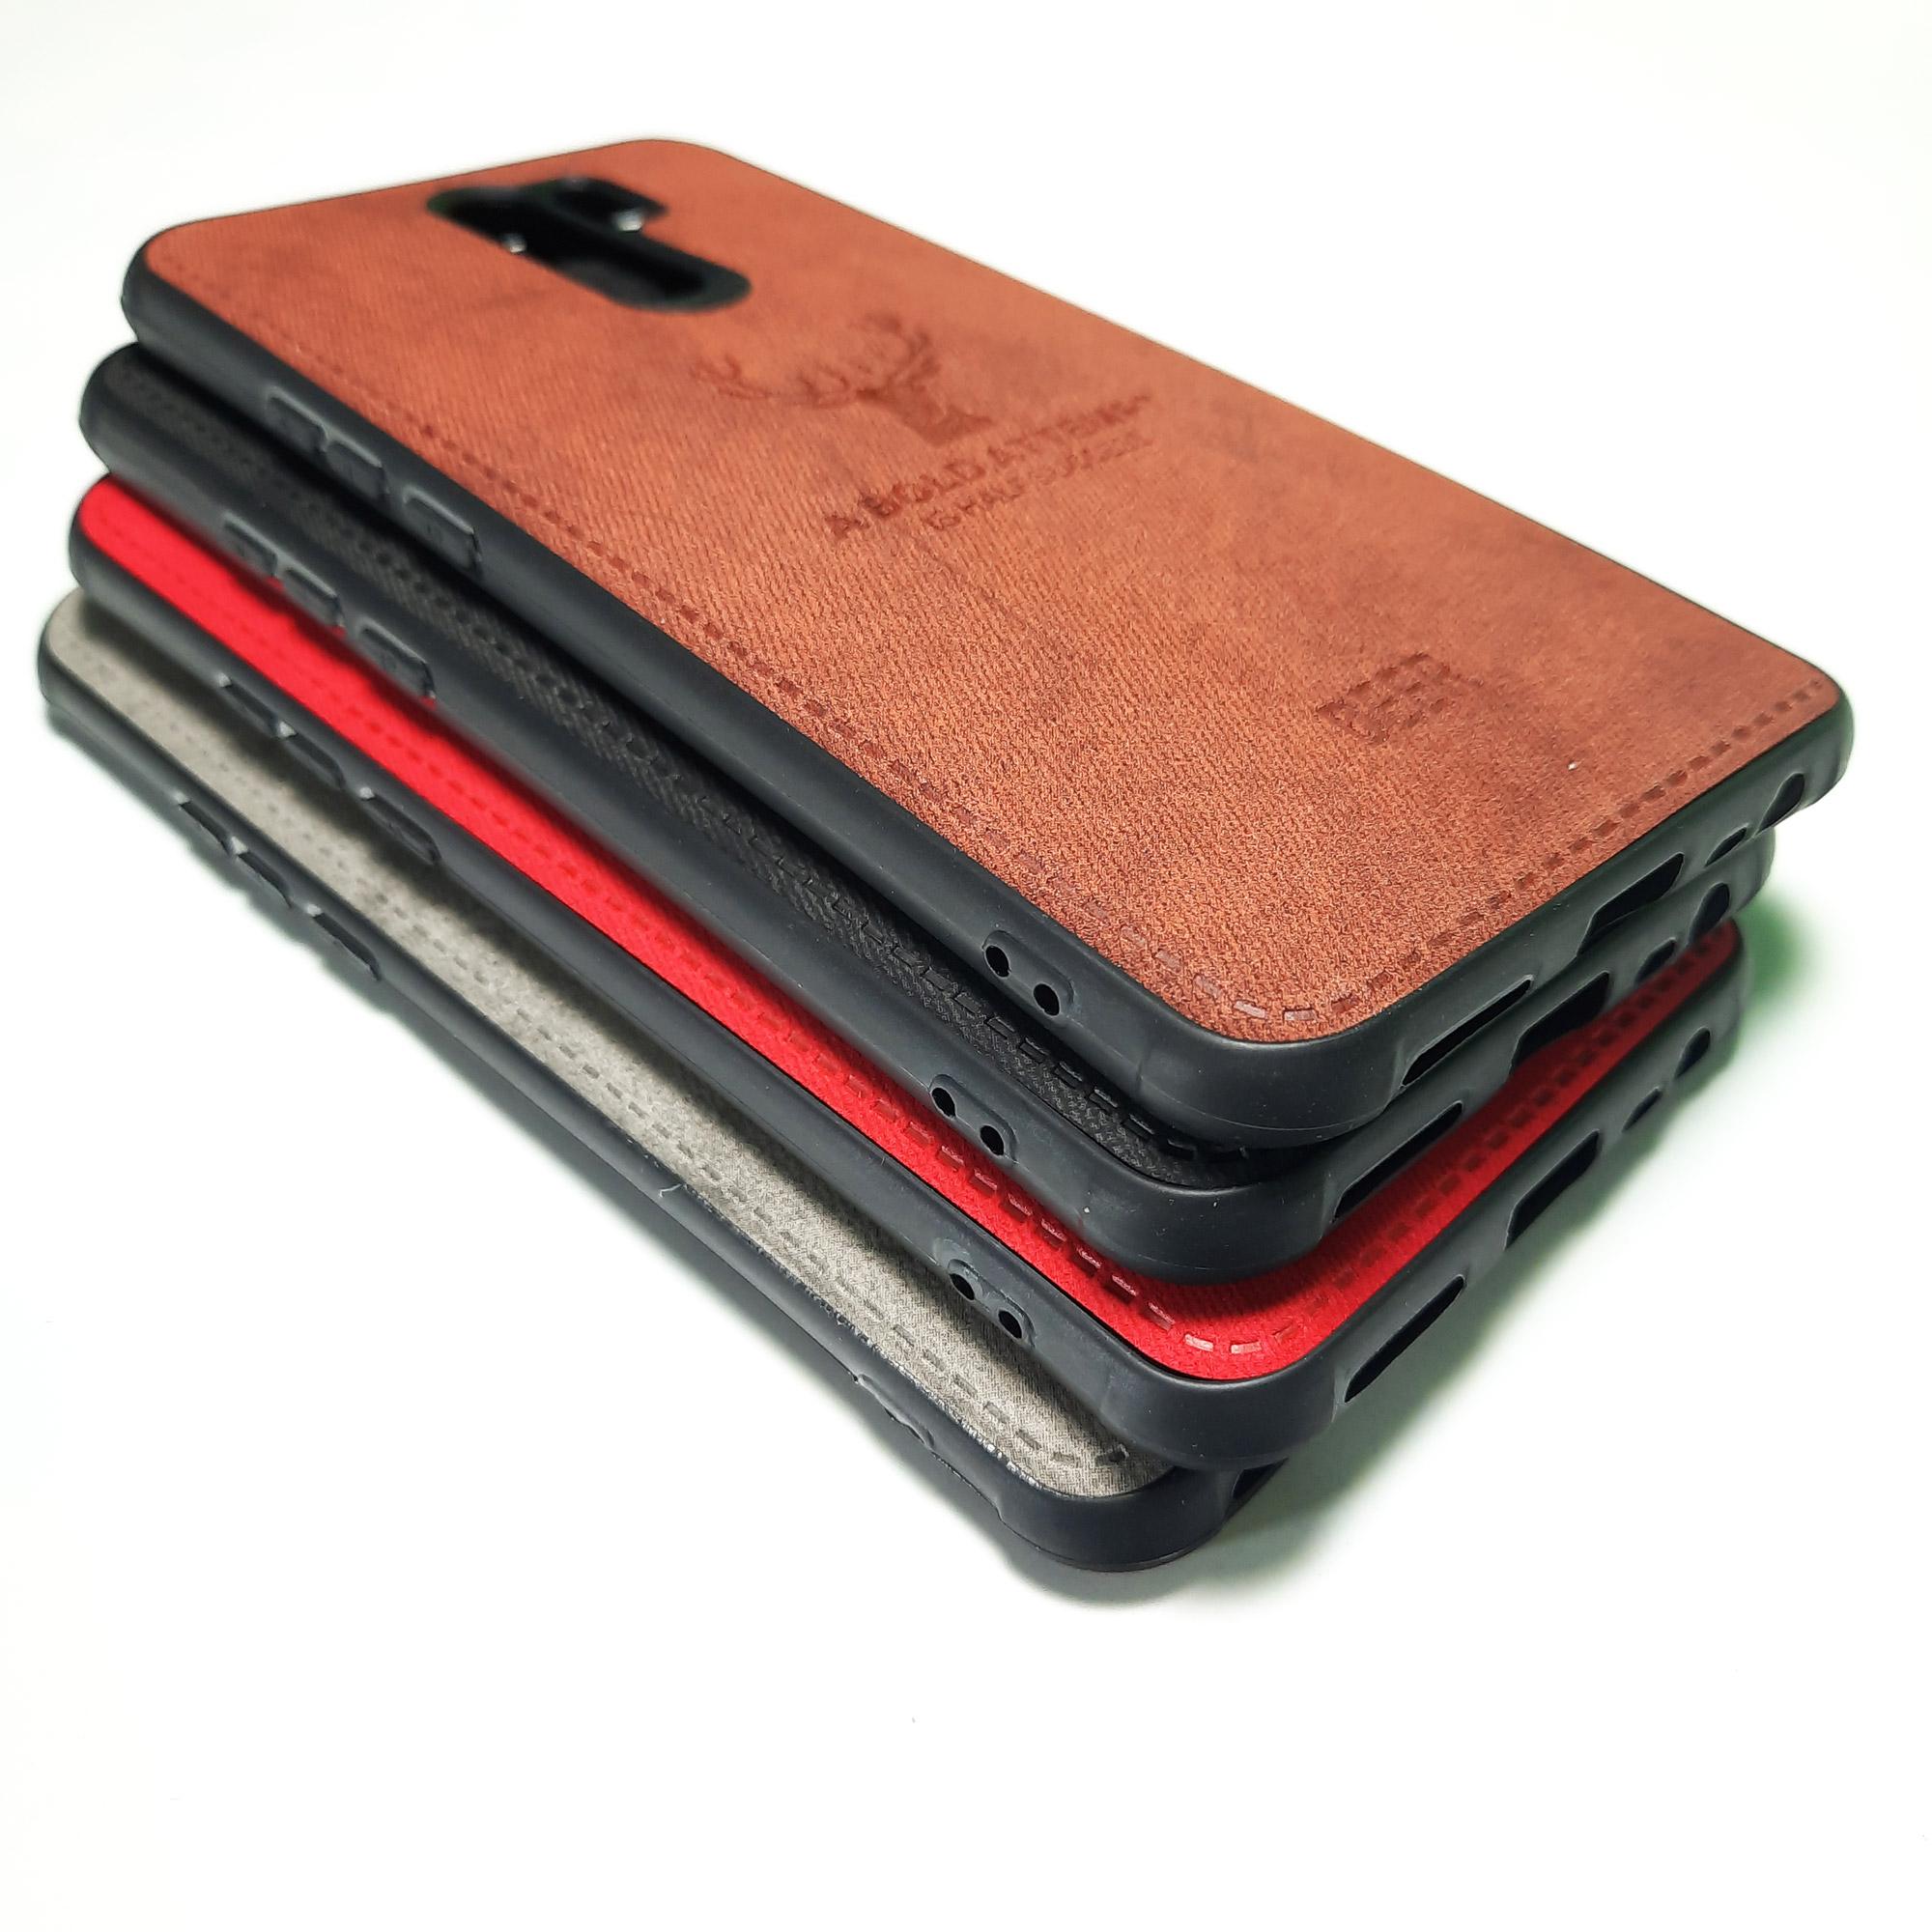 کاور مدل CO812 طرح گوزن مناسب برای گوشی موبایل شیائومی Redmi 9 / Redmi 9 Prime main 1 5